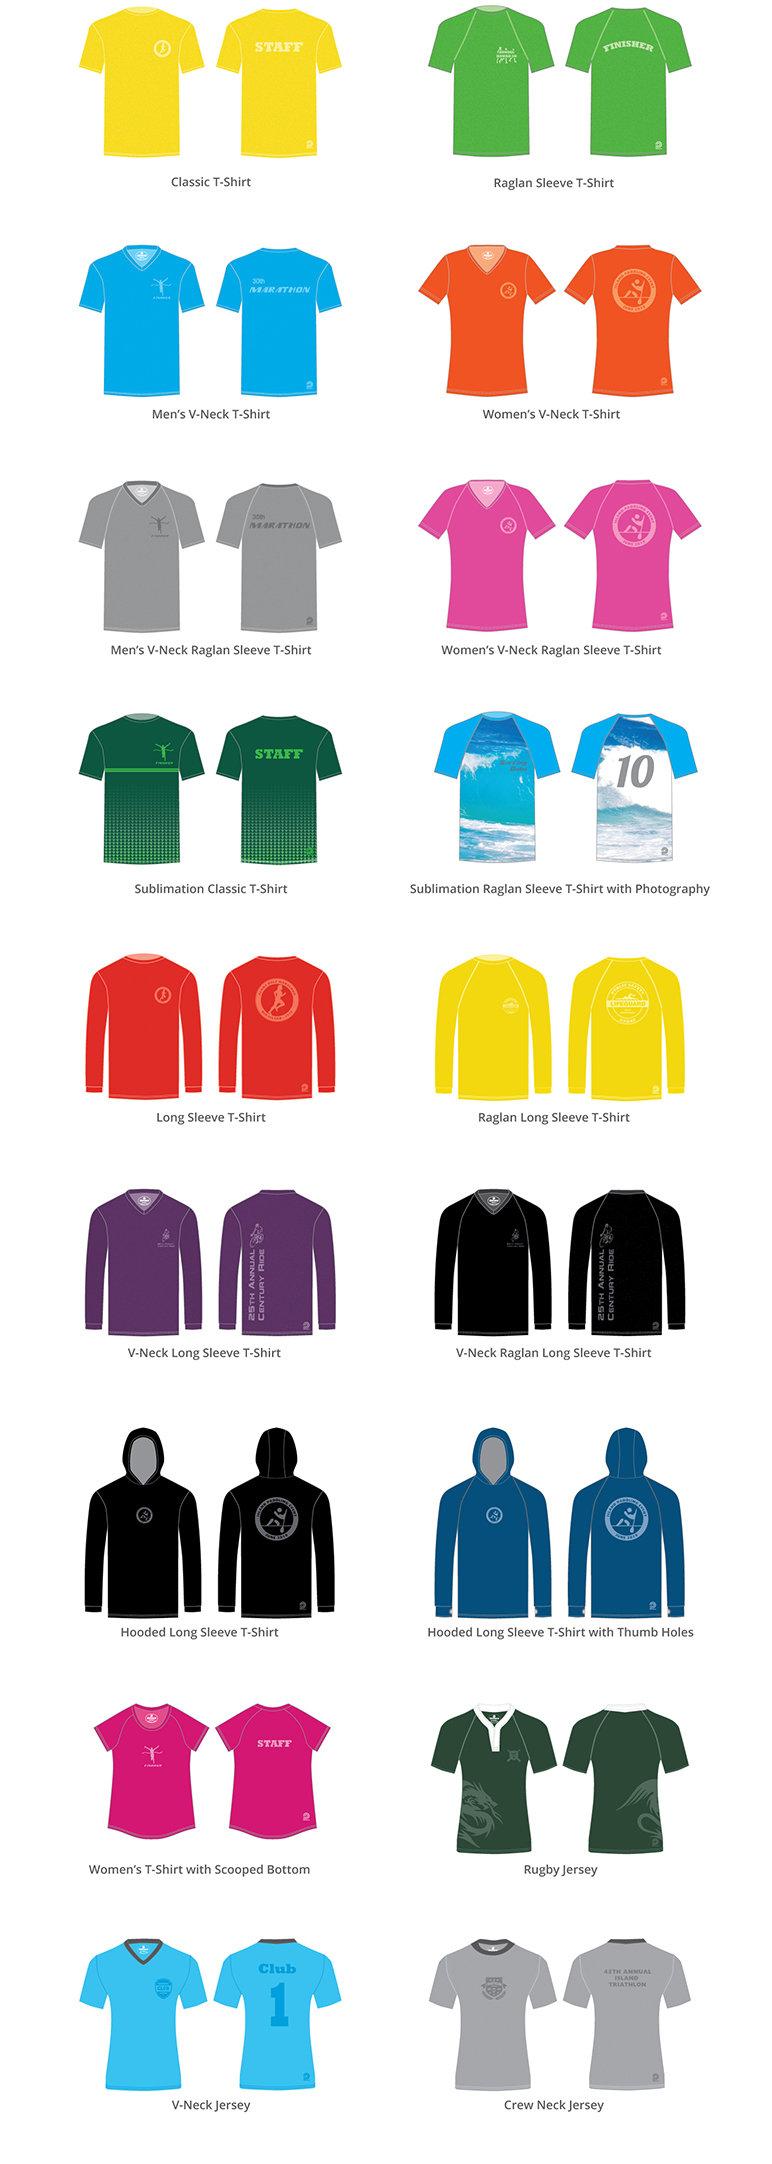 Custom T-Shirts, Quick-Dry T-Shirts, Cotton T-Shirts, Long Sleeve T-Shirts, V-Neck T-Shirts, Women's T-Shirts, Sublimation T-Shirts, Hooded T-Shirts, Custom Jerseys